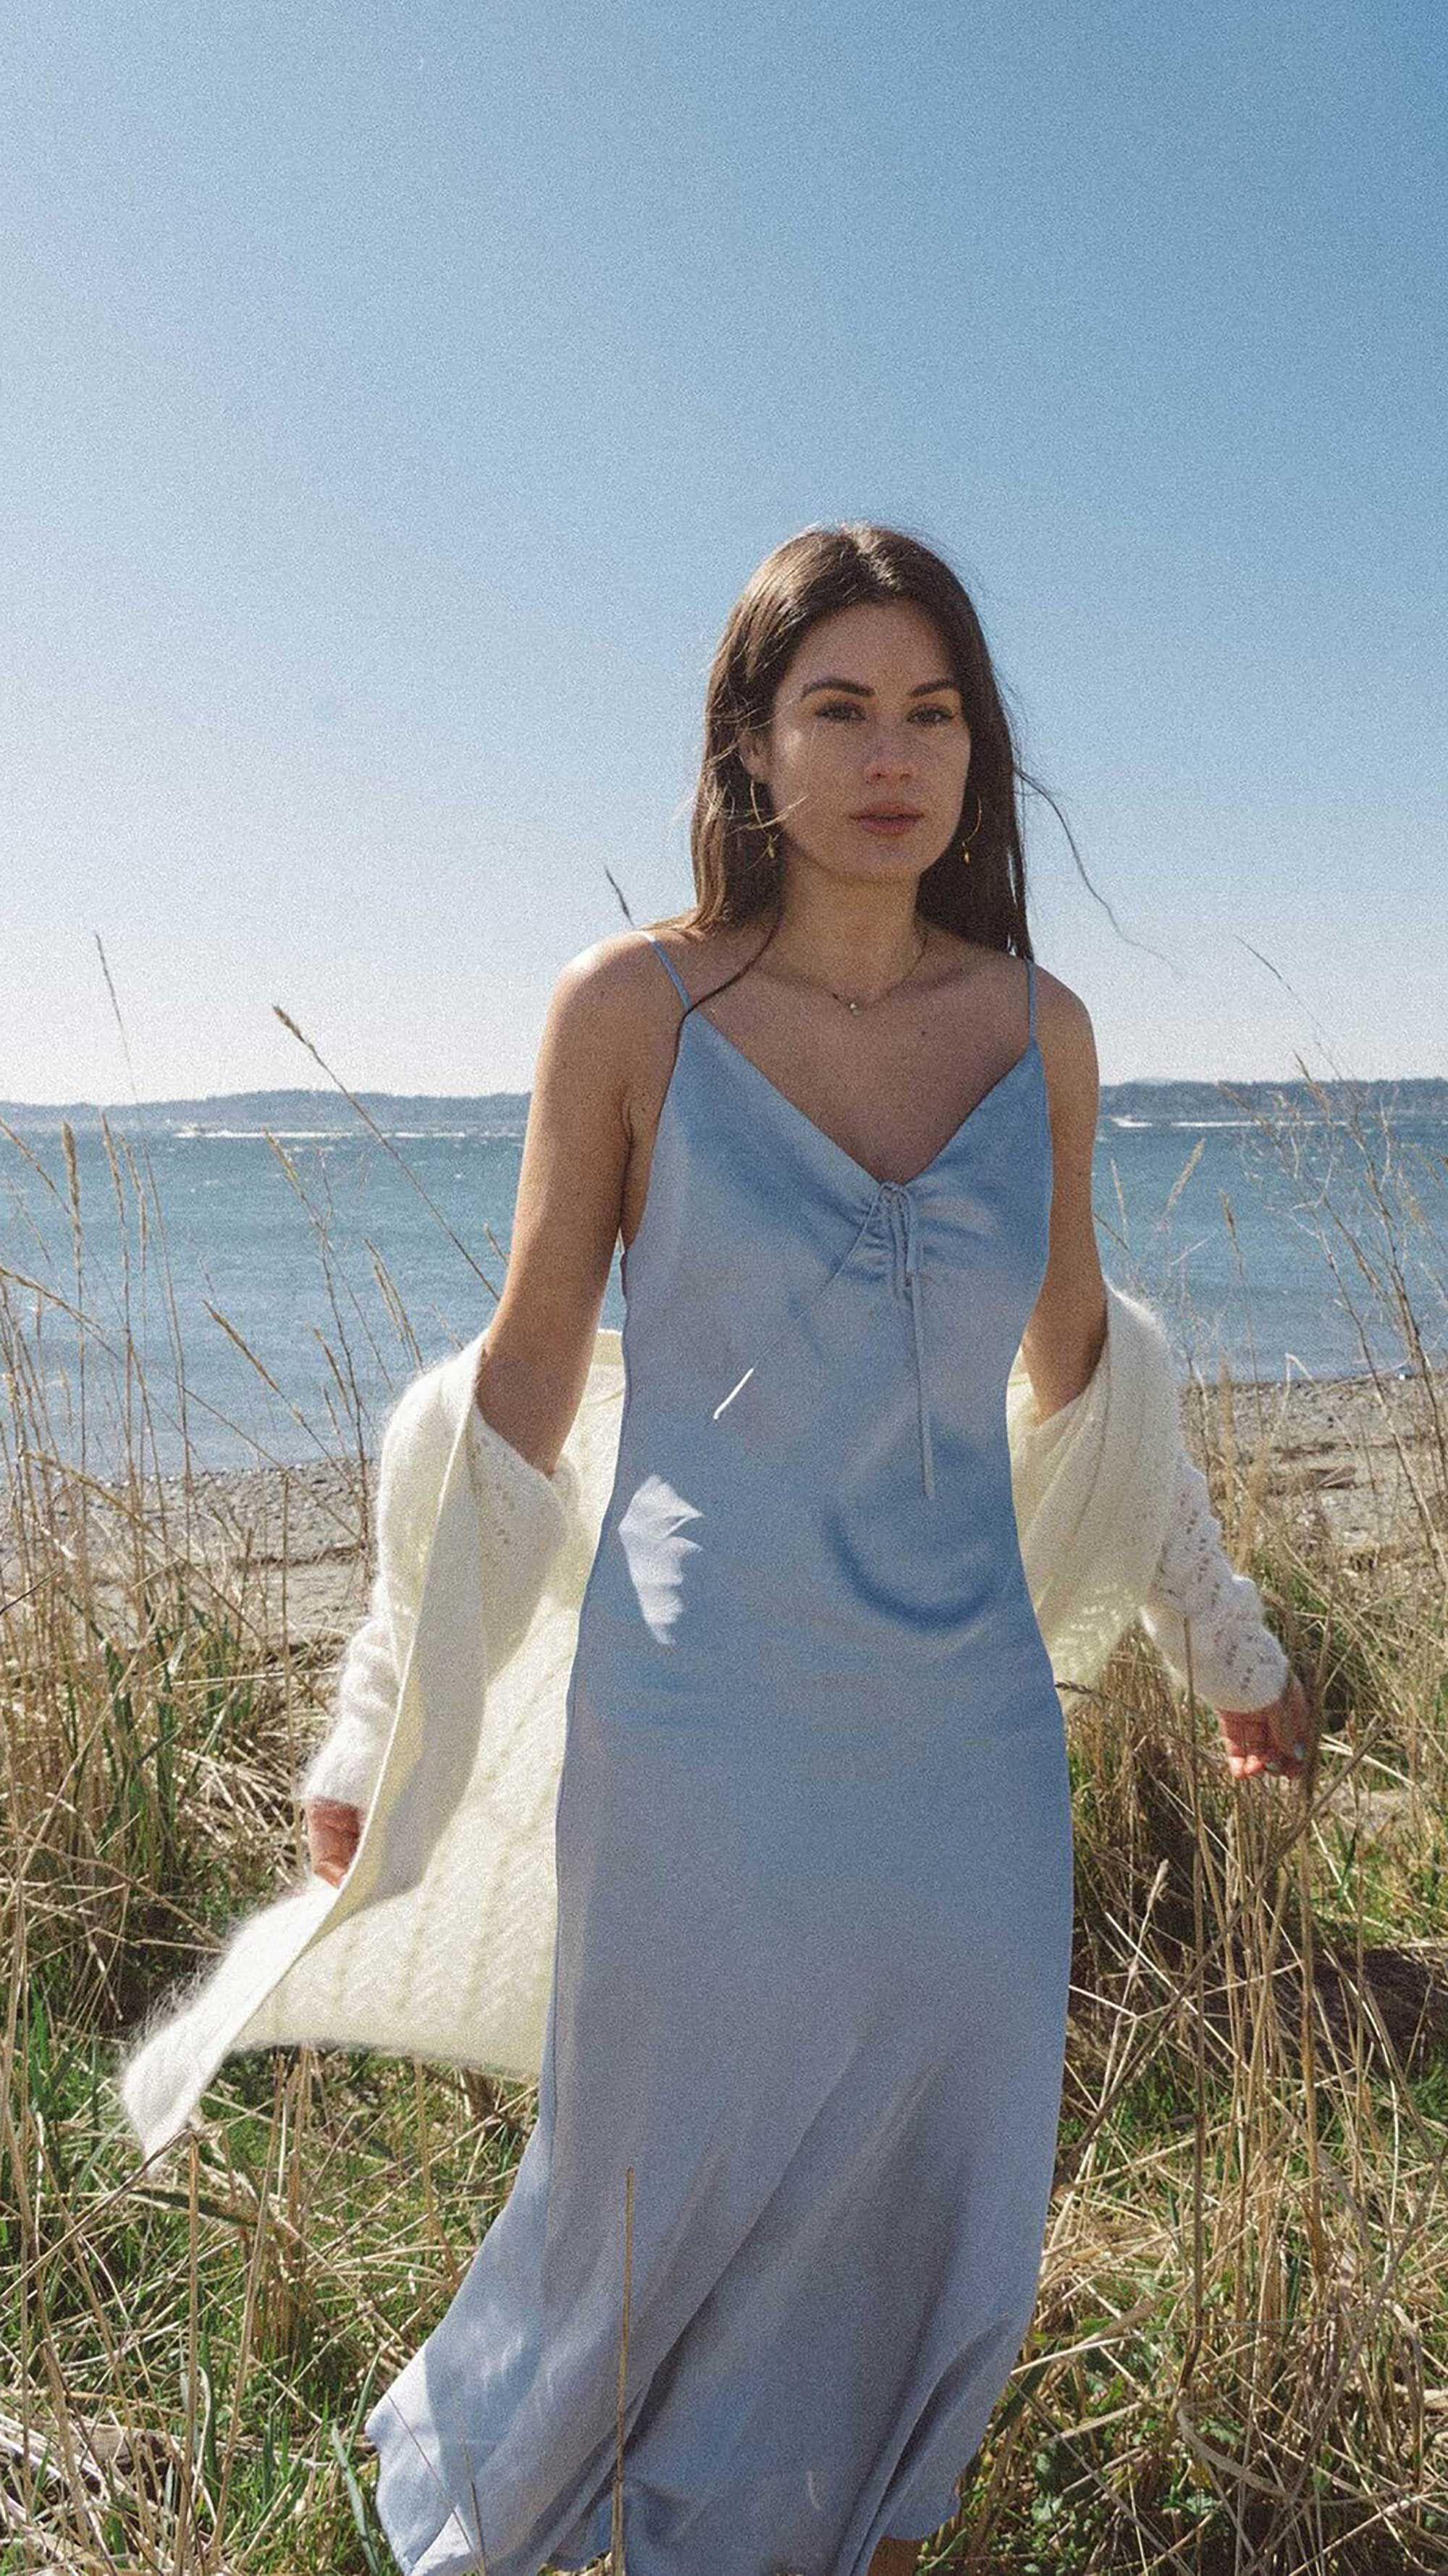 Styling Ideas For A Summer Slip Dress Sarah Christine Summer Slip Dress Slip Dress Outfit Summer Summer Dress Outfits [ 3558 x 2000 Pixel ]